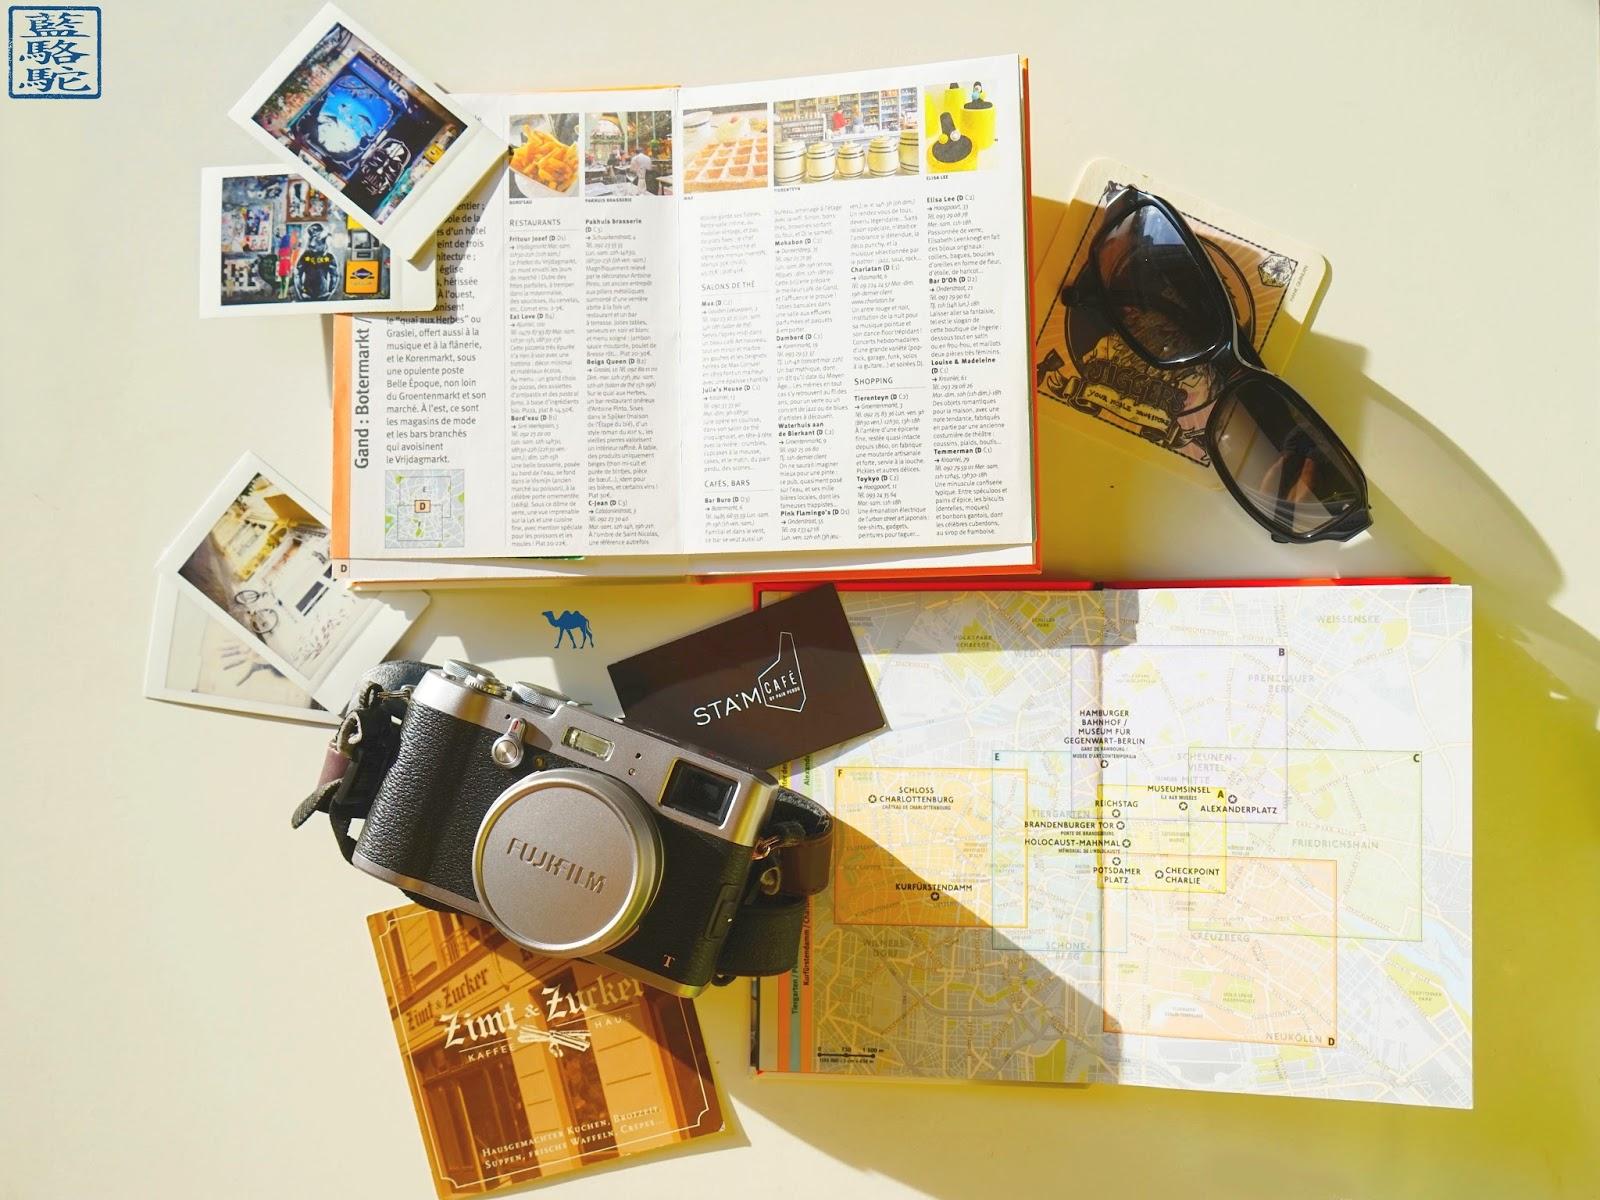 Le Chameau Bleu - Guide touristique Cartoville